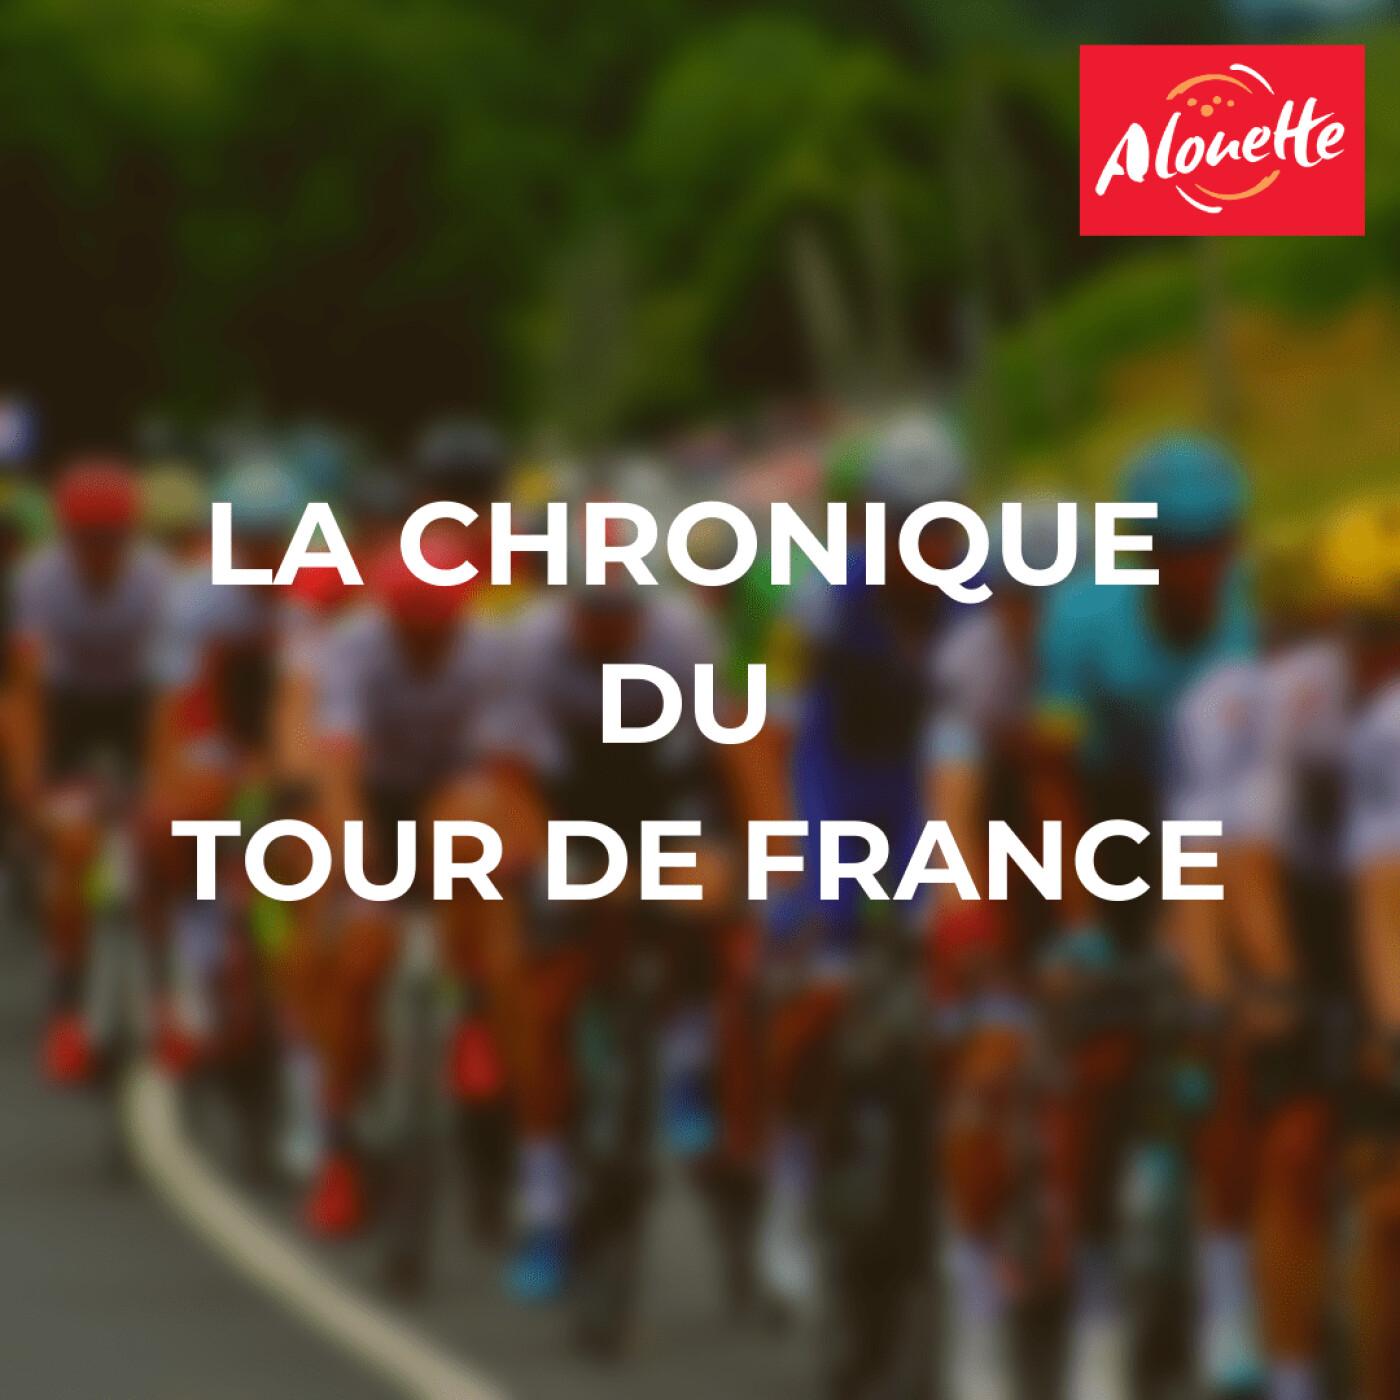 Tour de France - 02 Juillet 08h32